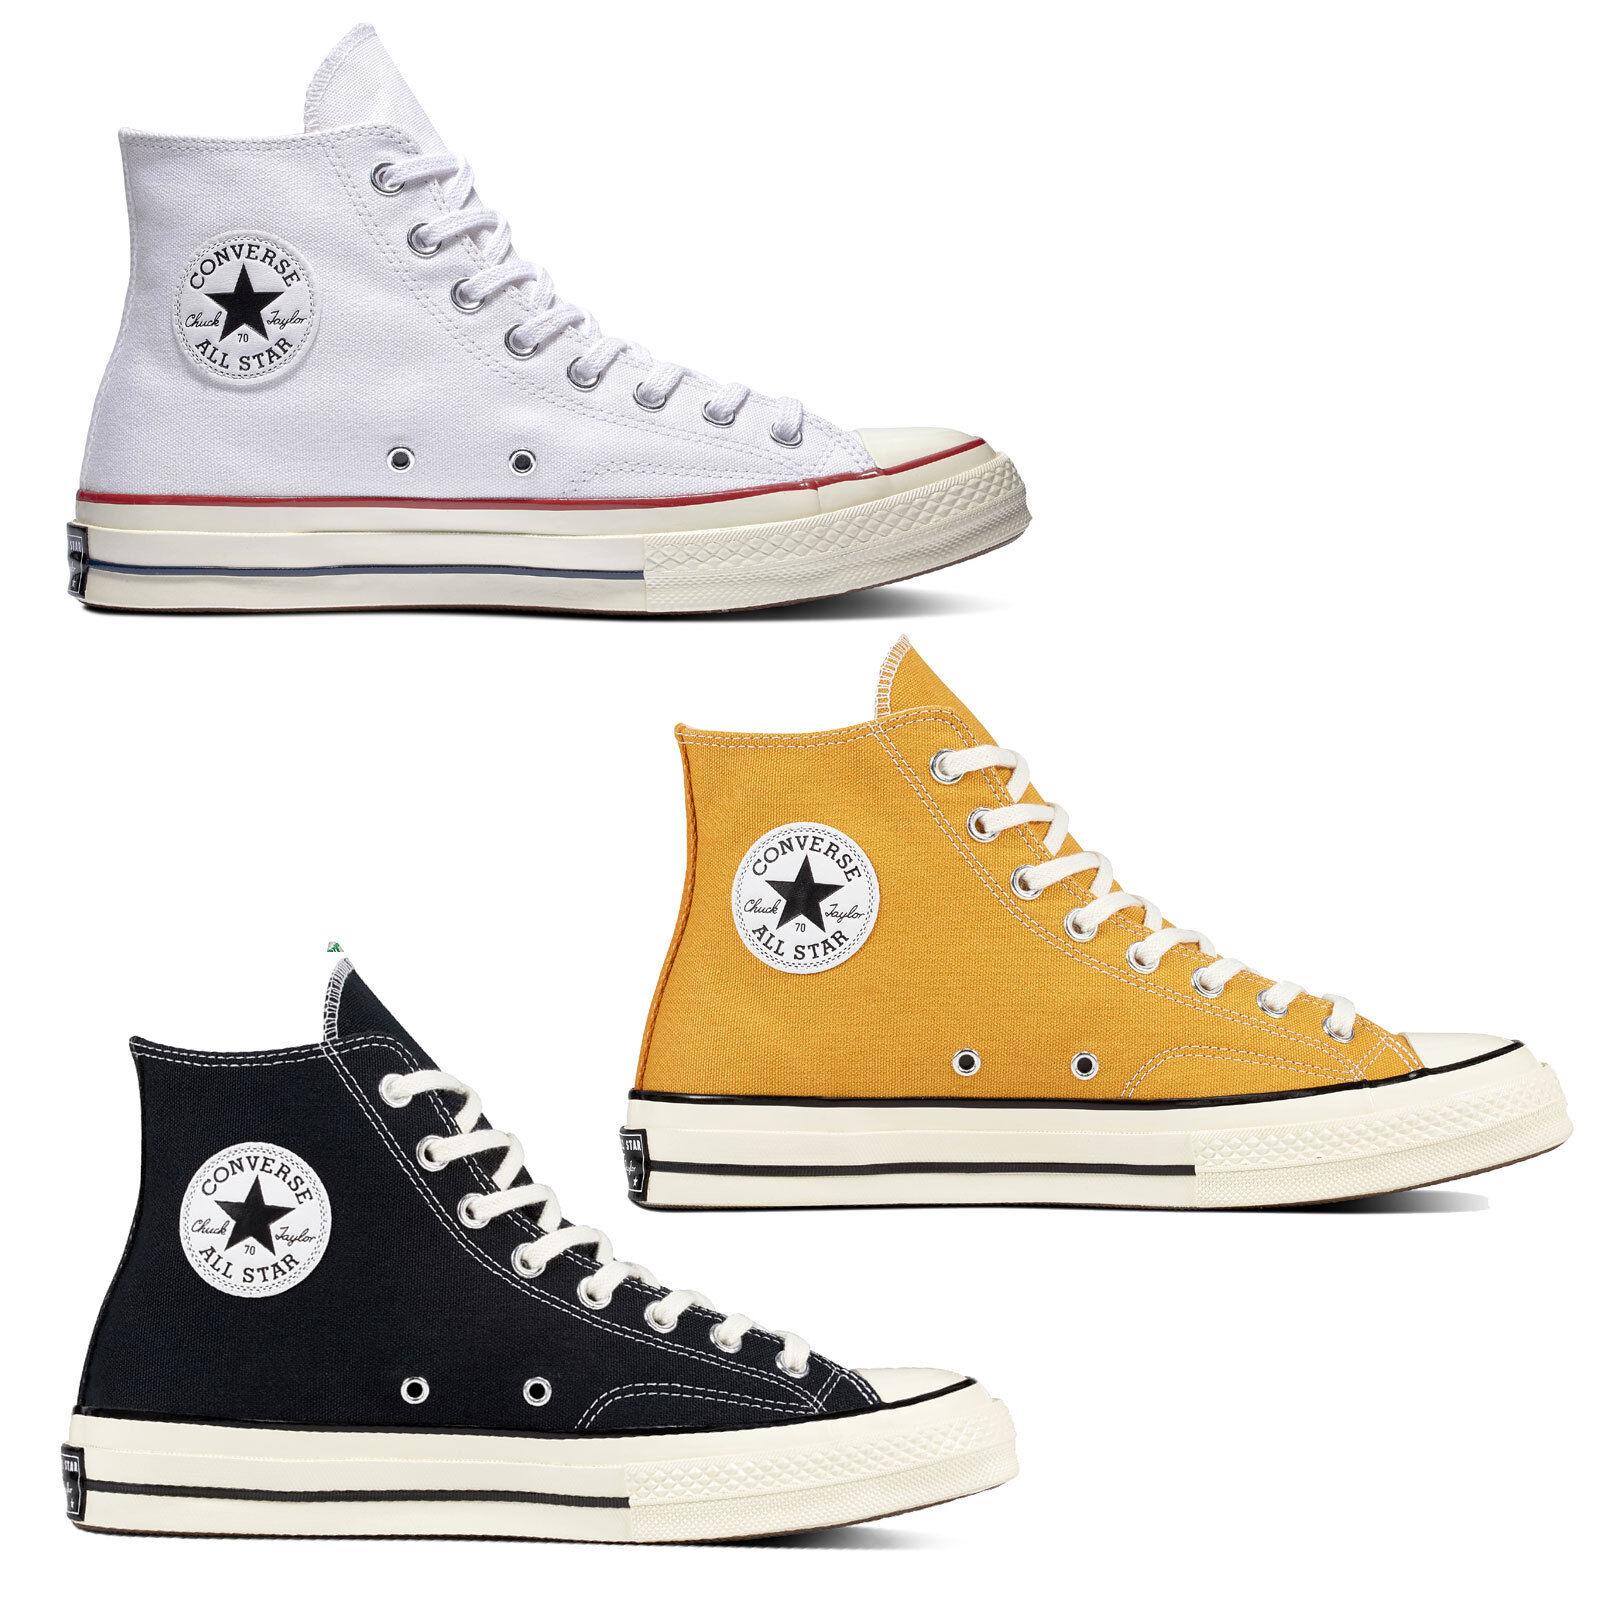 Konverse chuck Taylor alla stjärnor 70 kvinnor skor sportskor sportskor sportskor skosnören  billigt i hög kvalitet